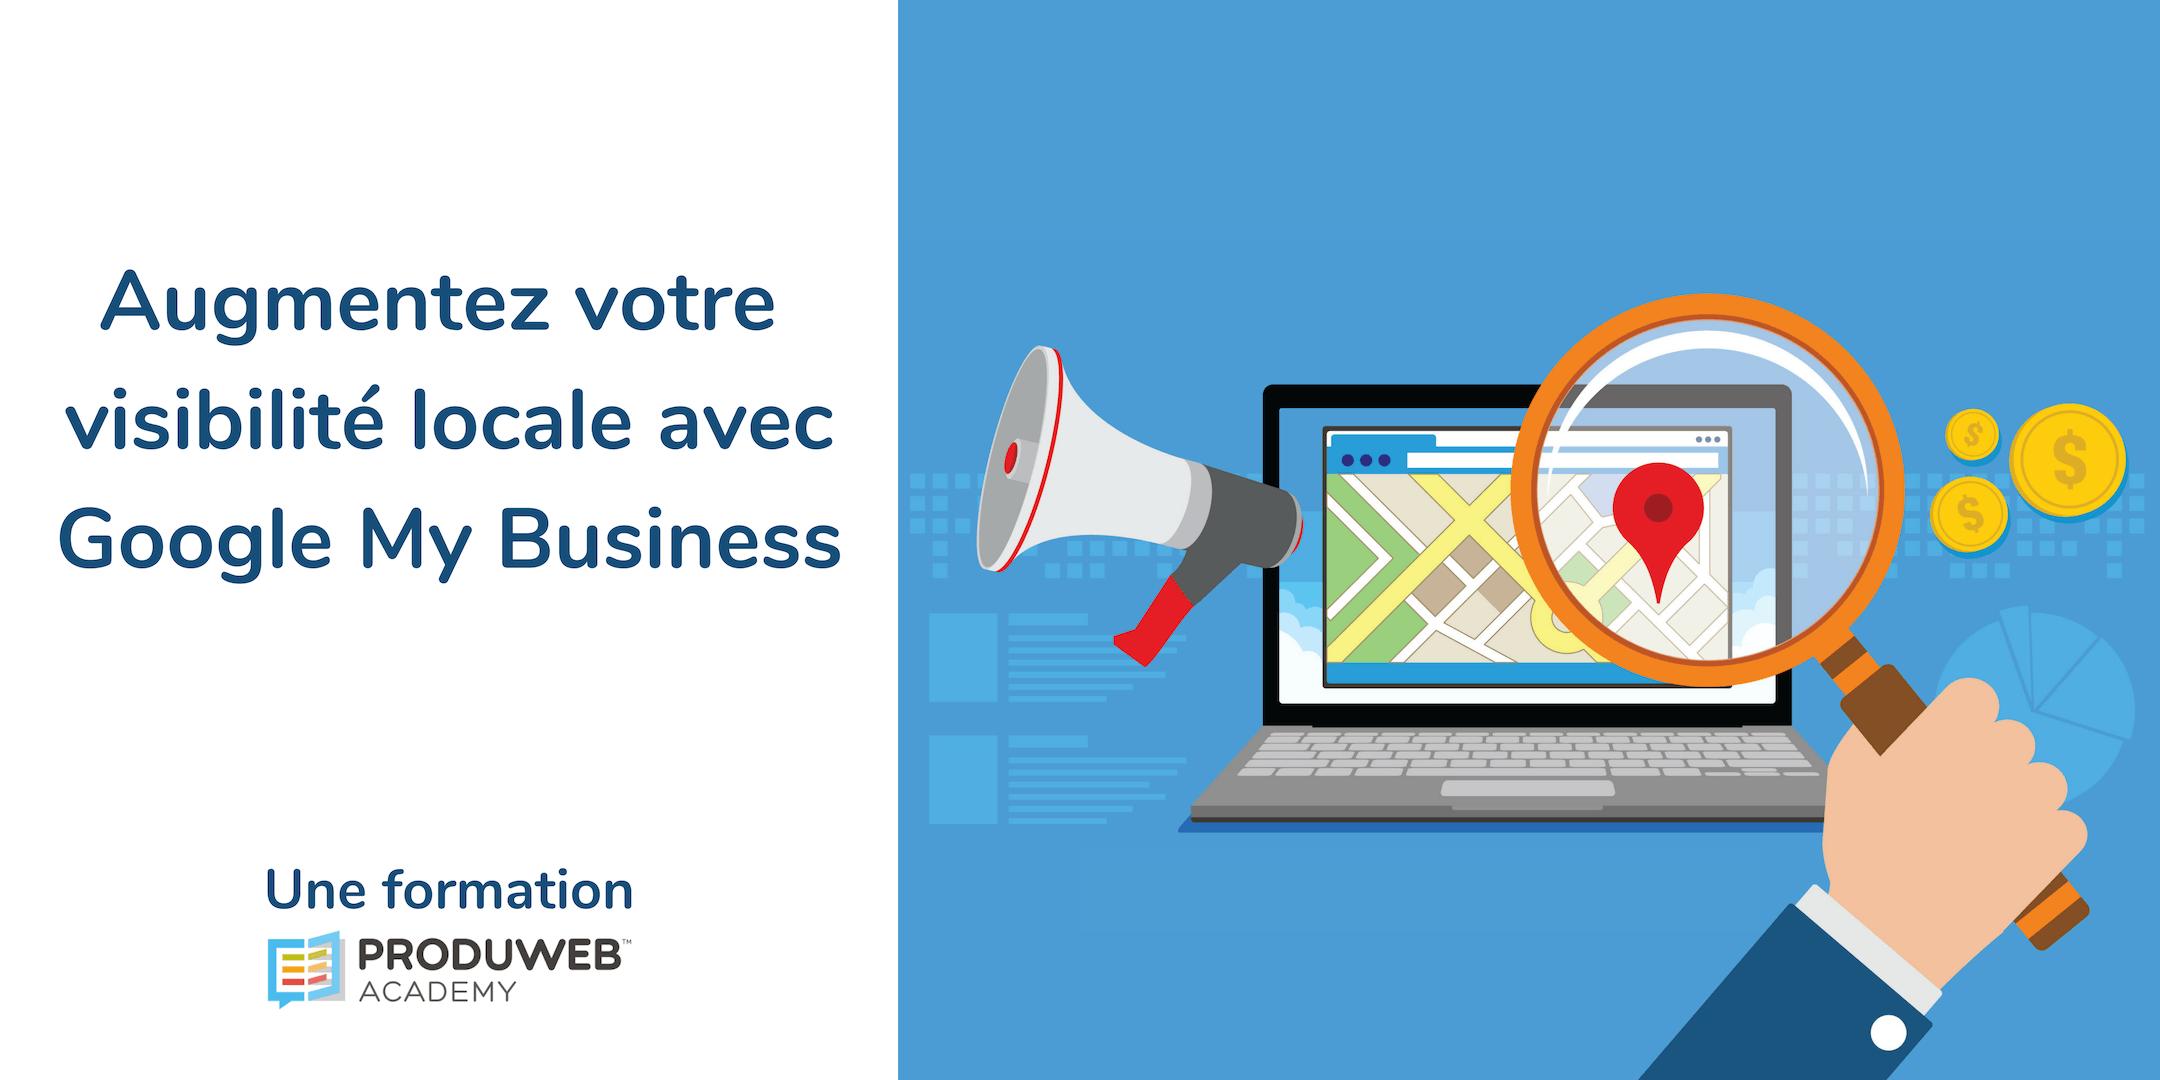 Formation - Augmentez votre visibilit locale avec Google My Business